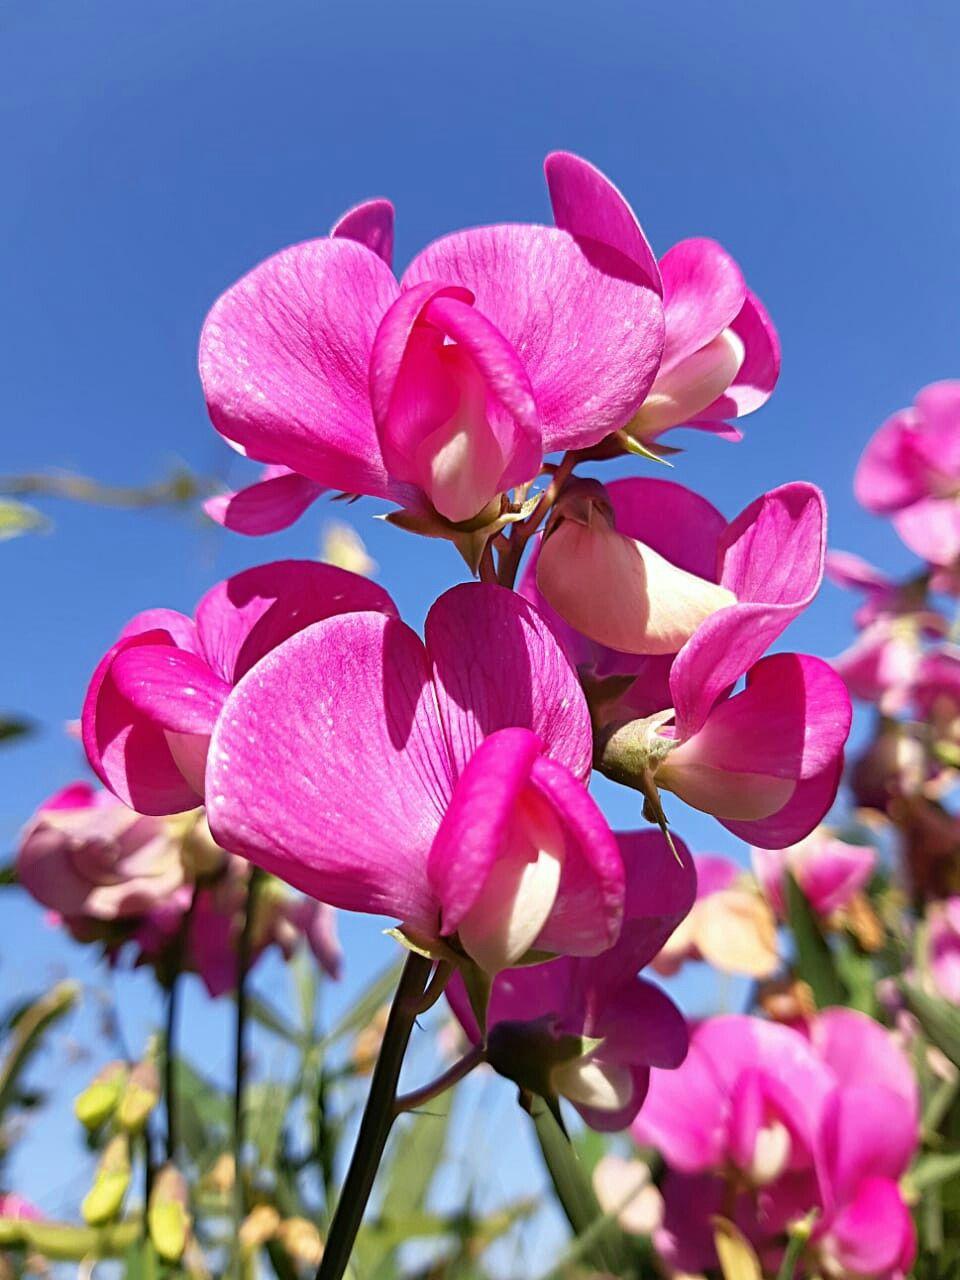 Фото. Красивые цветы. Яркое сочетание. Душистый горошек ...